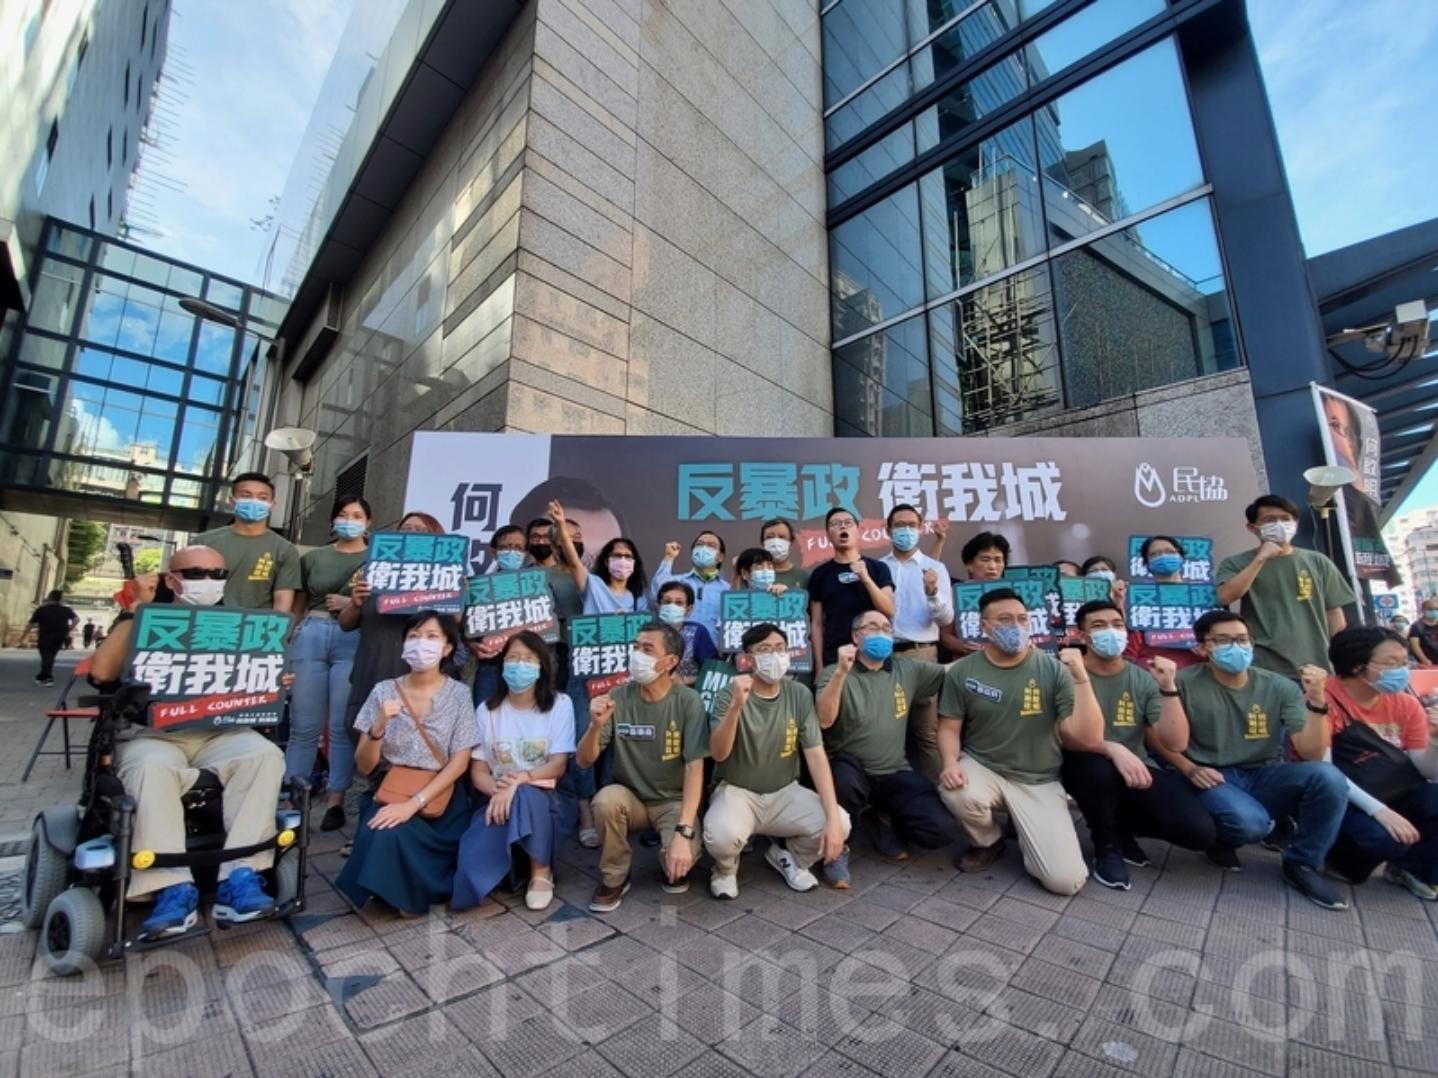 香港民主民生協進會(民協)今日(7月5日)在深水埗舉行以「香港人迎戰」為題的九龍西街坊集氣活動,多位民協成員及區議員發言,他們呼籲每一位市民都能在7月11、12日的民主派民間初選日進行投票,用實際行動向極權施壓。(宋碧龍 / 大紀元)